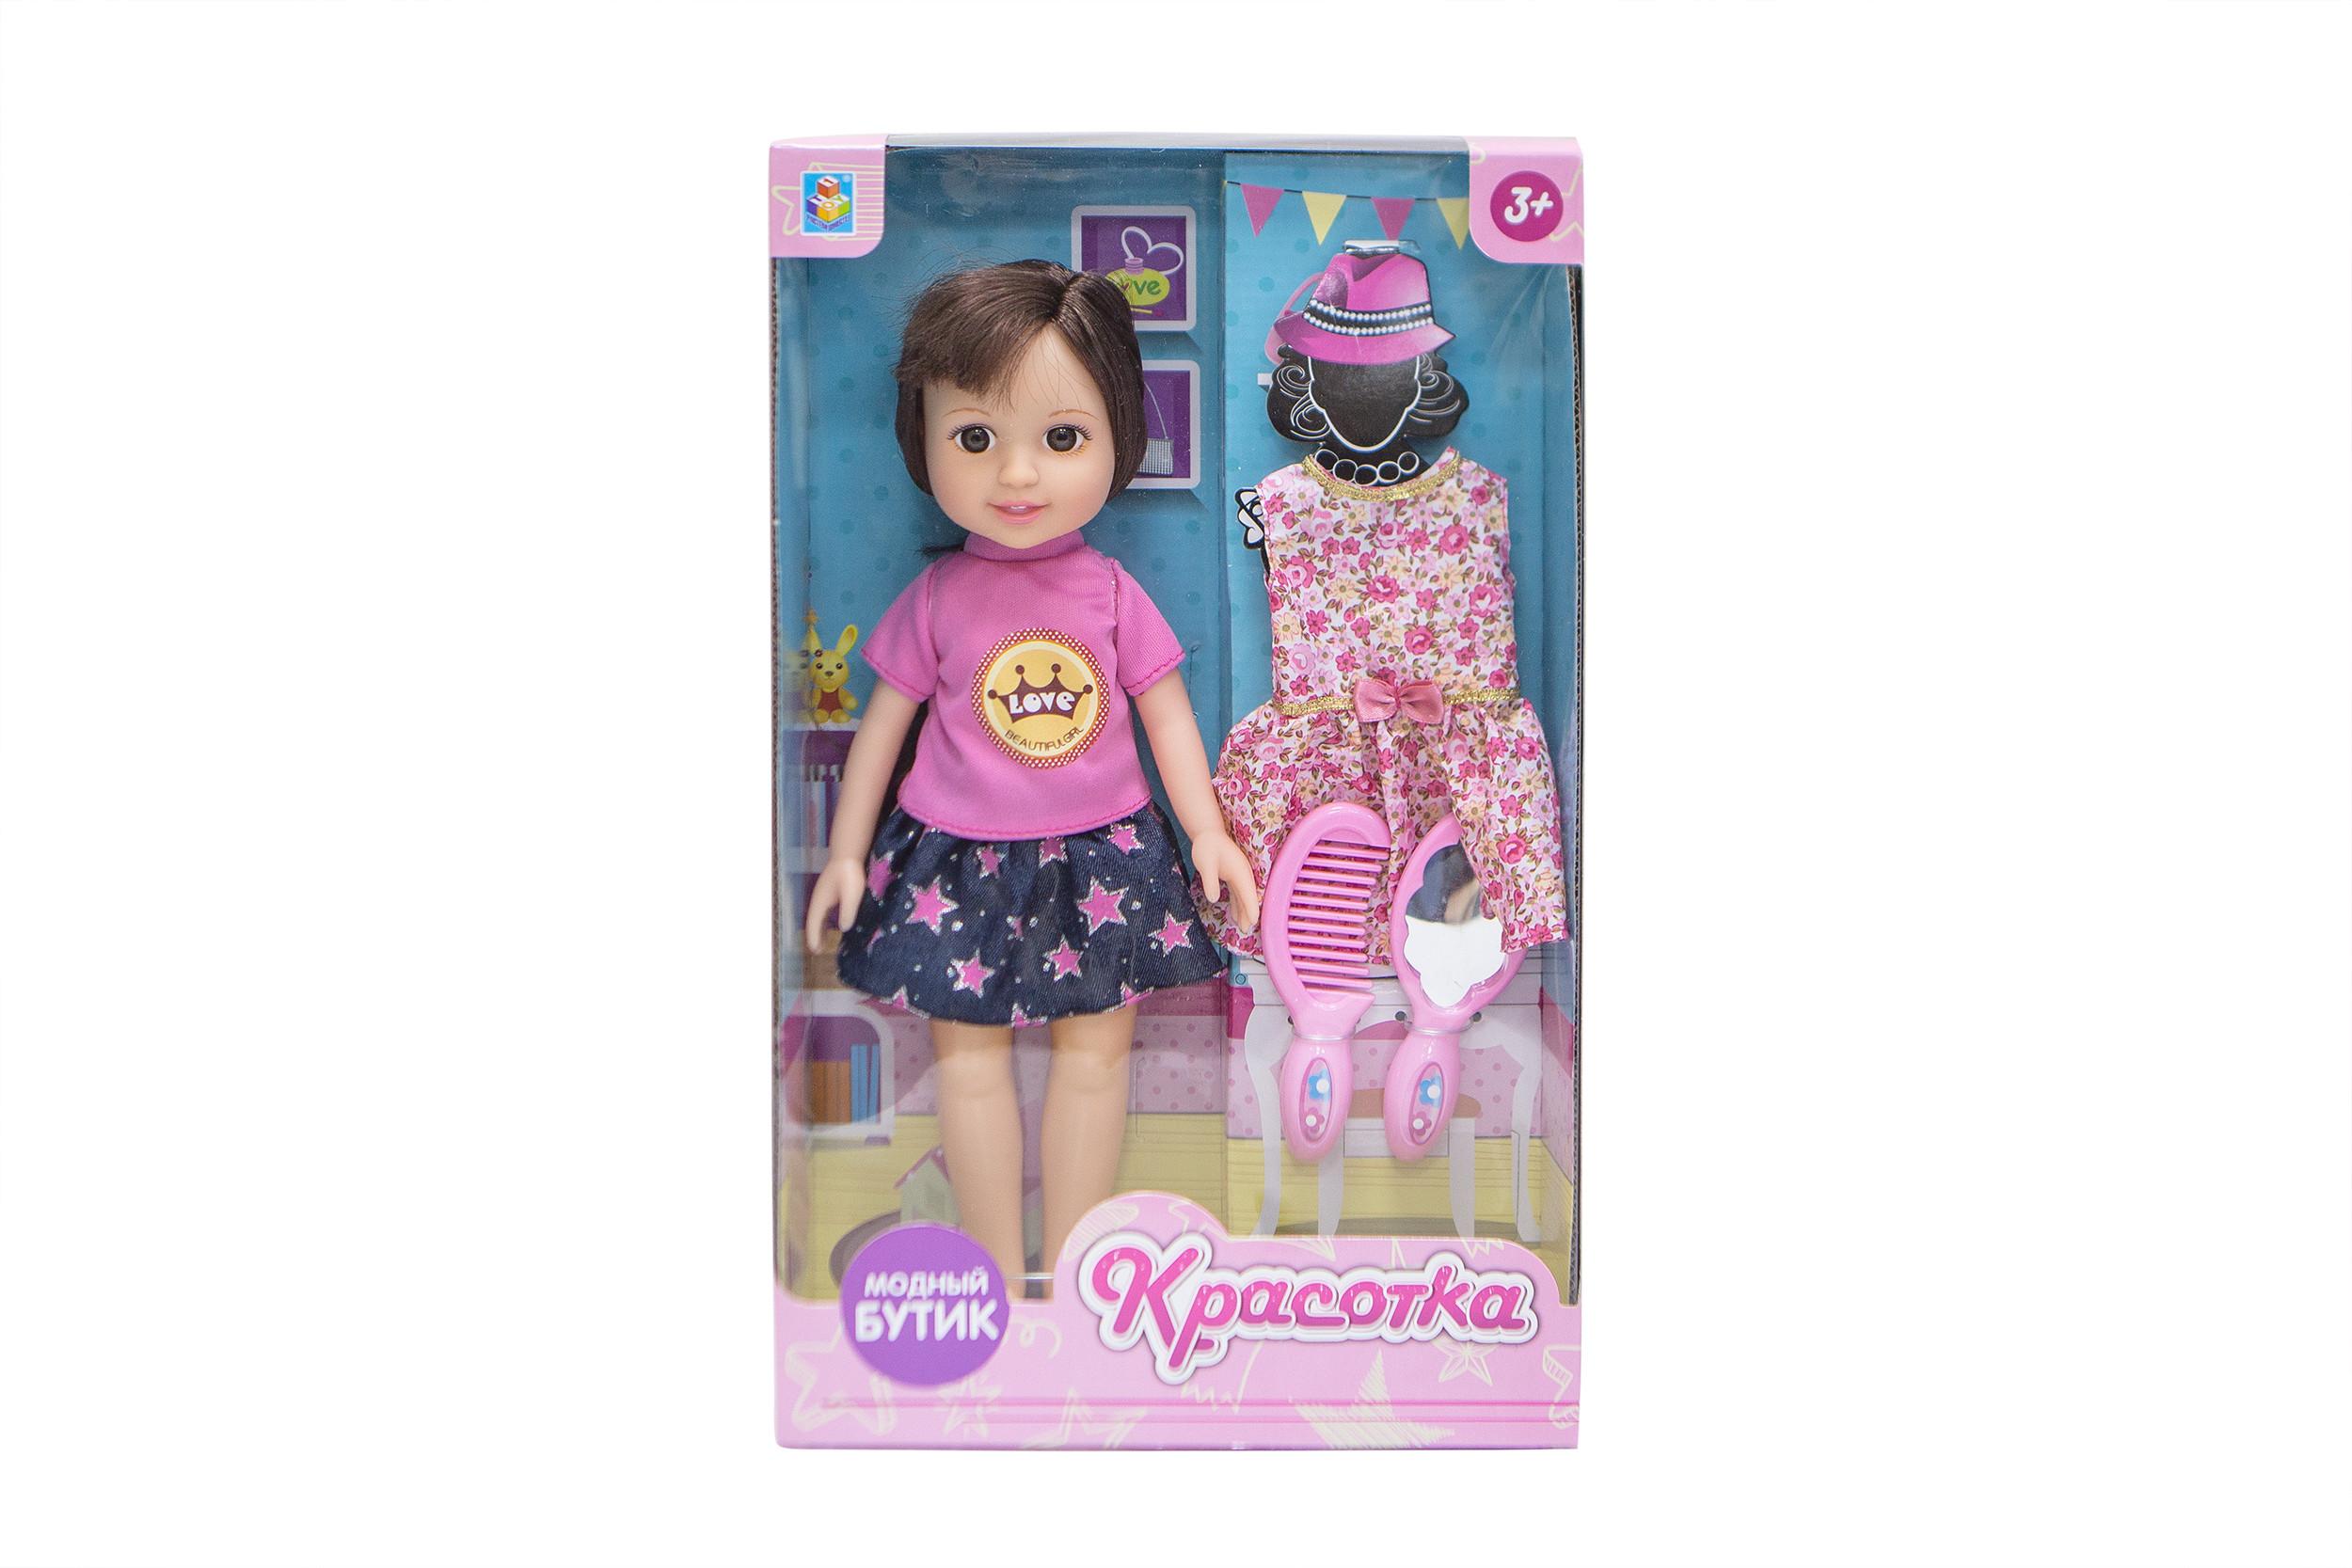 Купить Классические куклы, Красотка. Модный Бутик, 1toy, Китай, Мультиколор, Женский